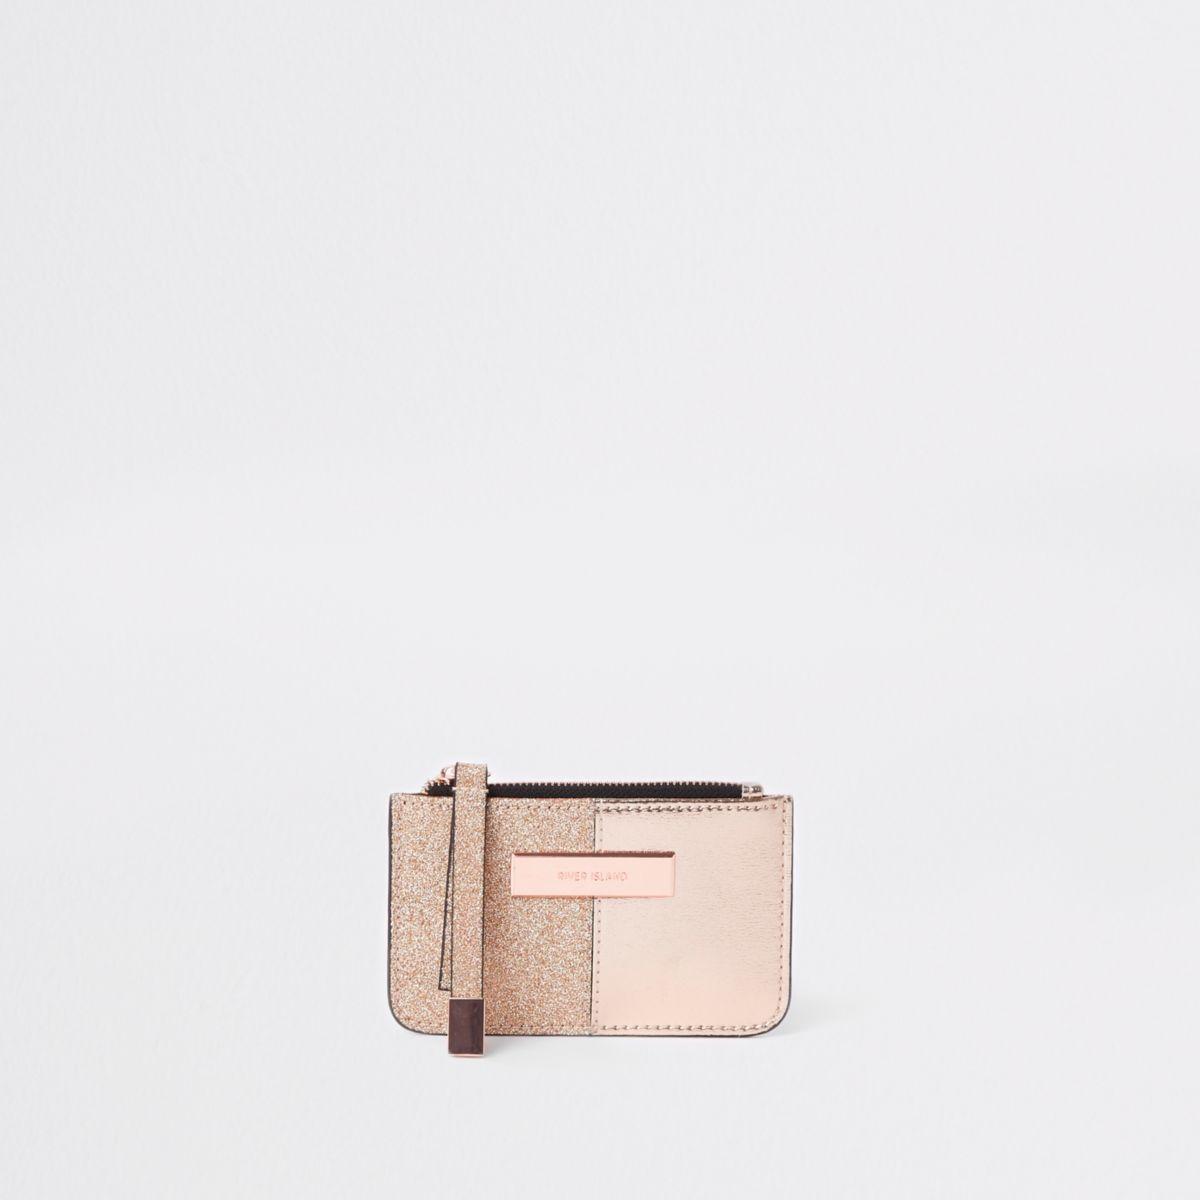 Rose gold tone metallic glitter slim purse